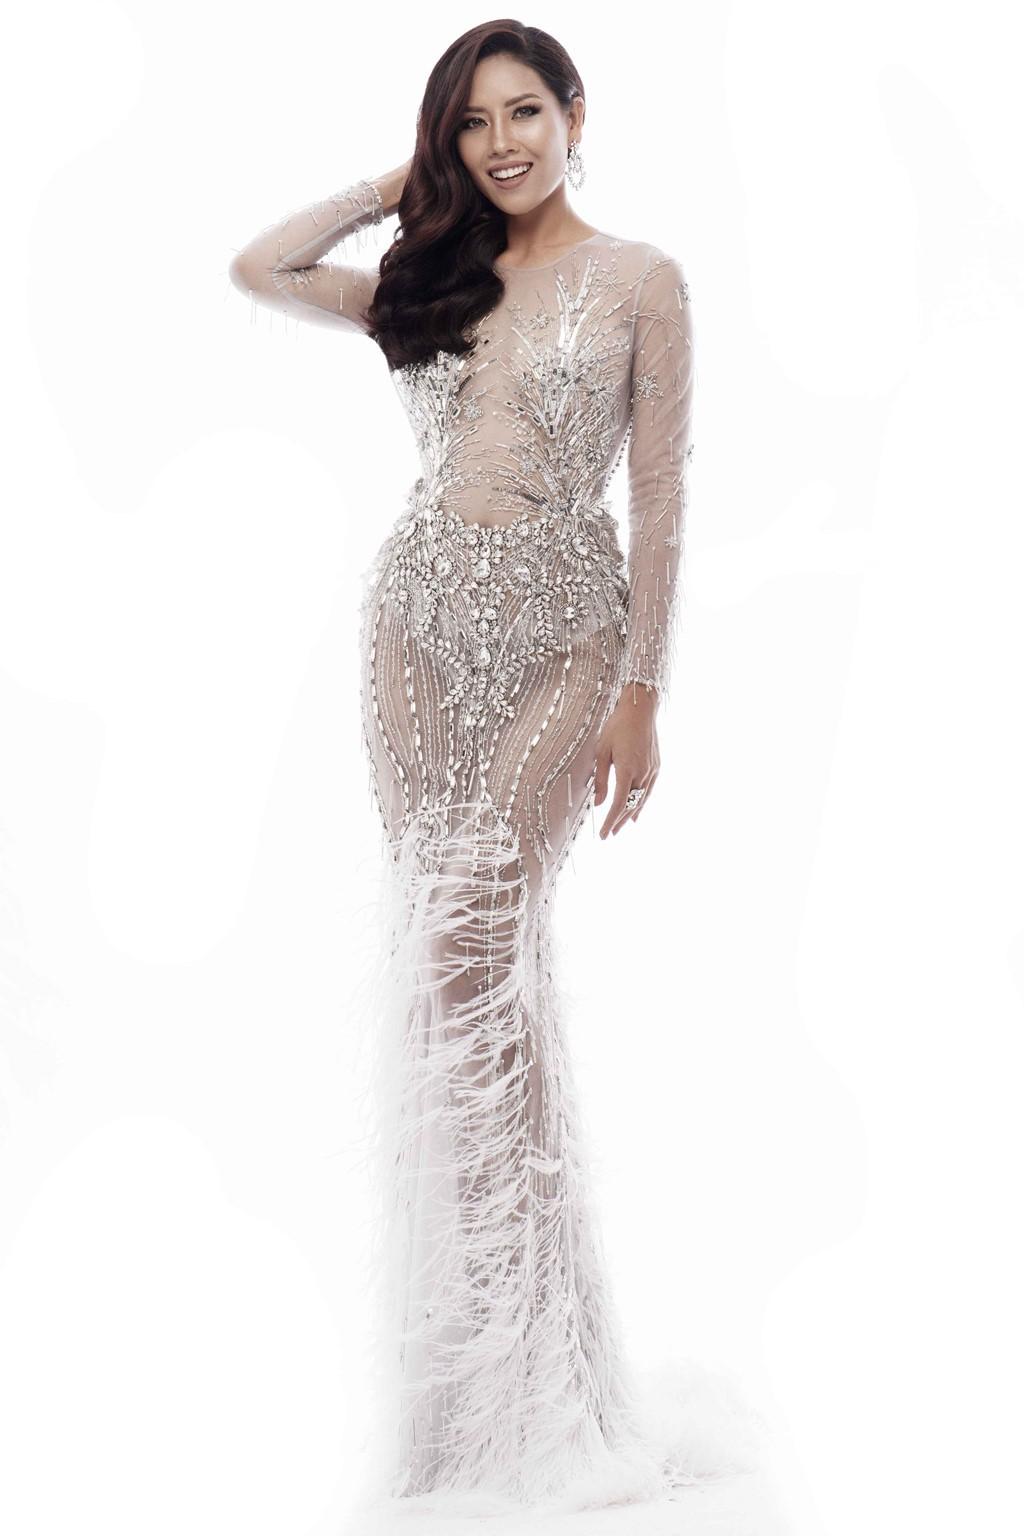 Nguyễn Thị Loan khoe trọn vóc dáng nóng bỏng trong trang phục dạ hội xuyên thấu tại Miss Universe - Ảnh 6.